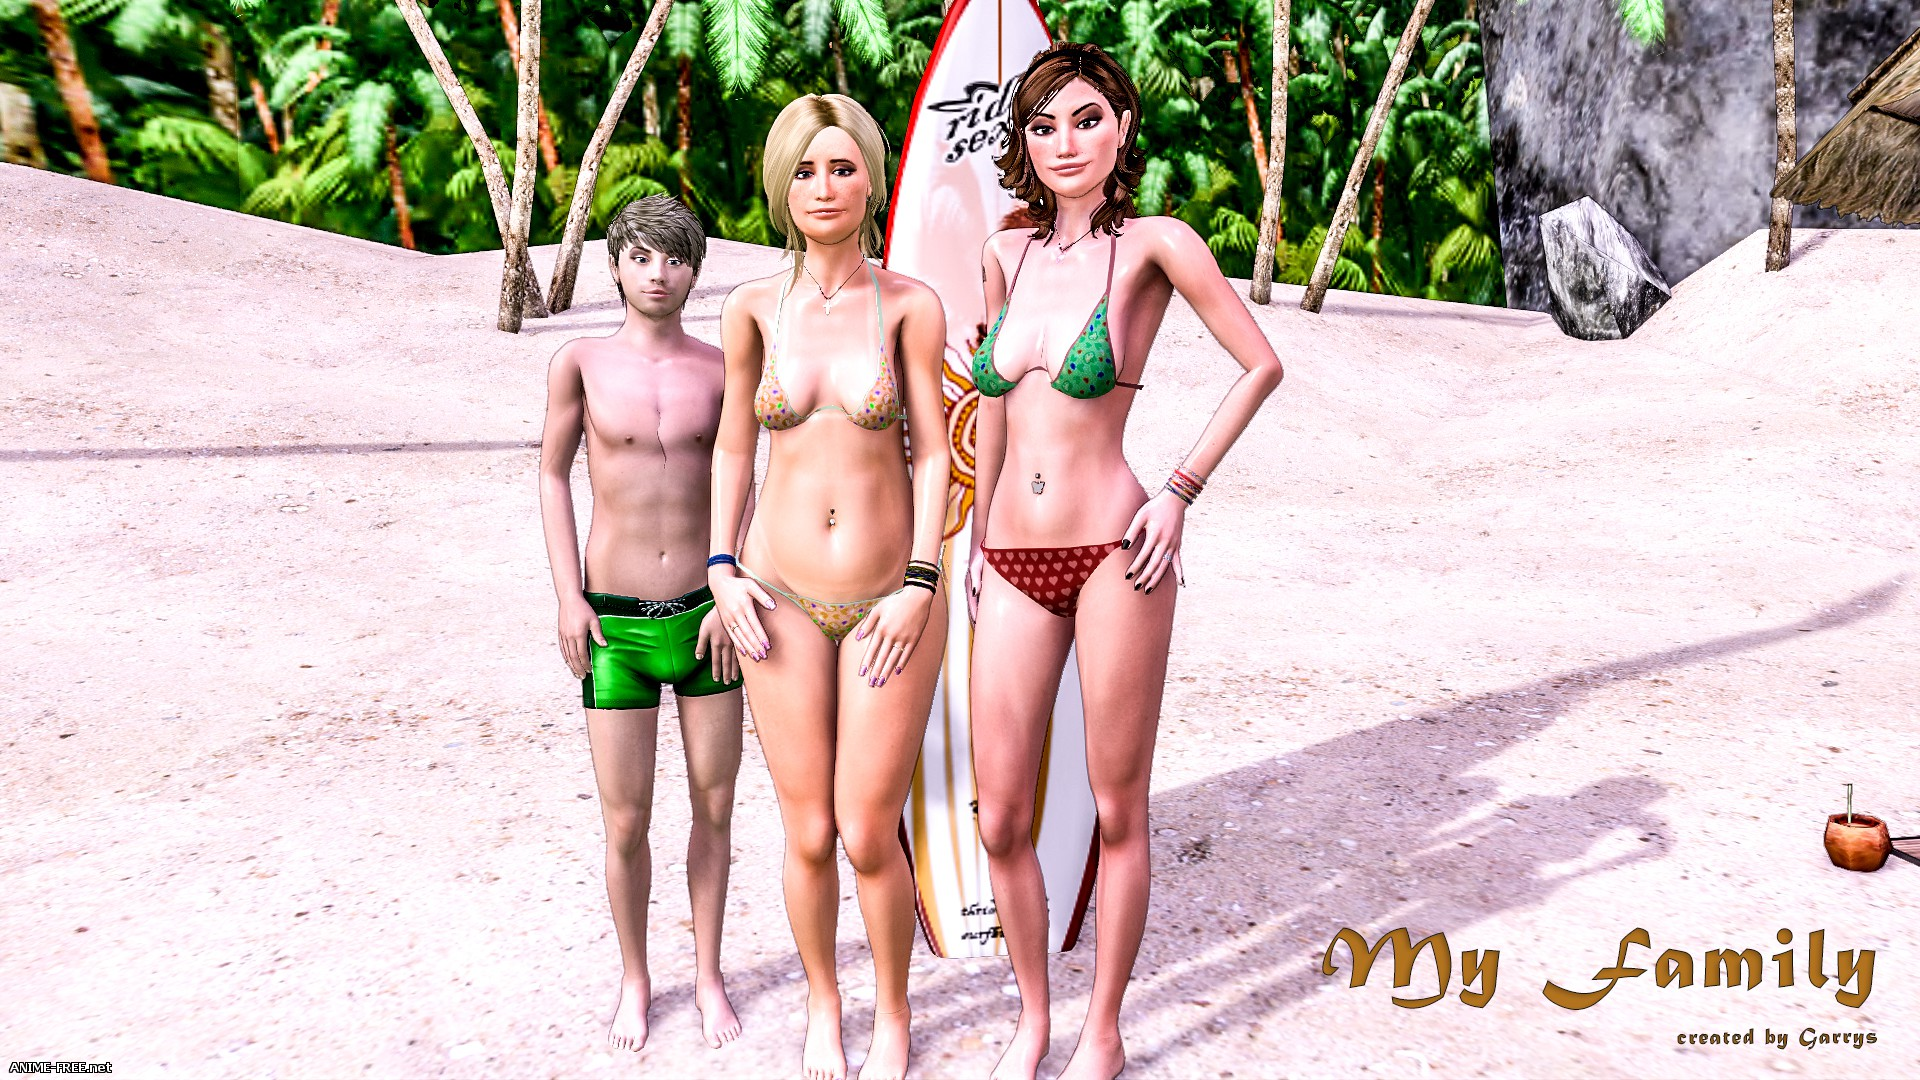 Моя Семья / My Family [Uncen] [3DCG] [RUS] Porn Comics